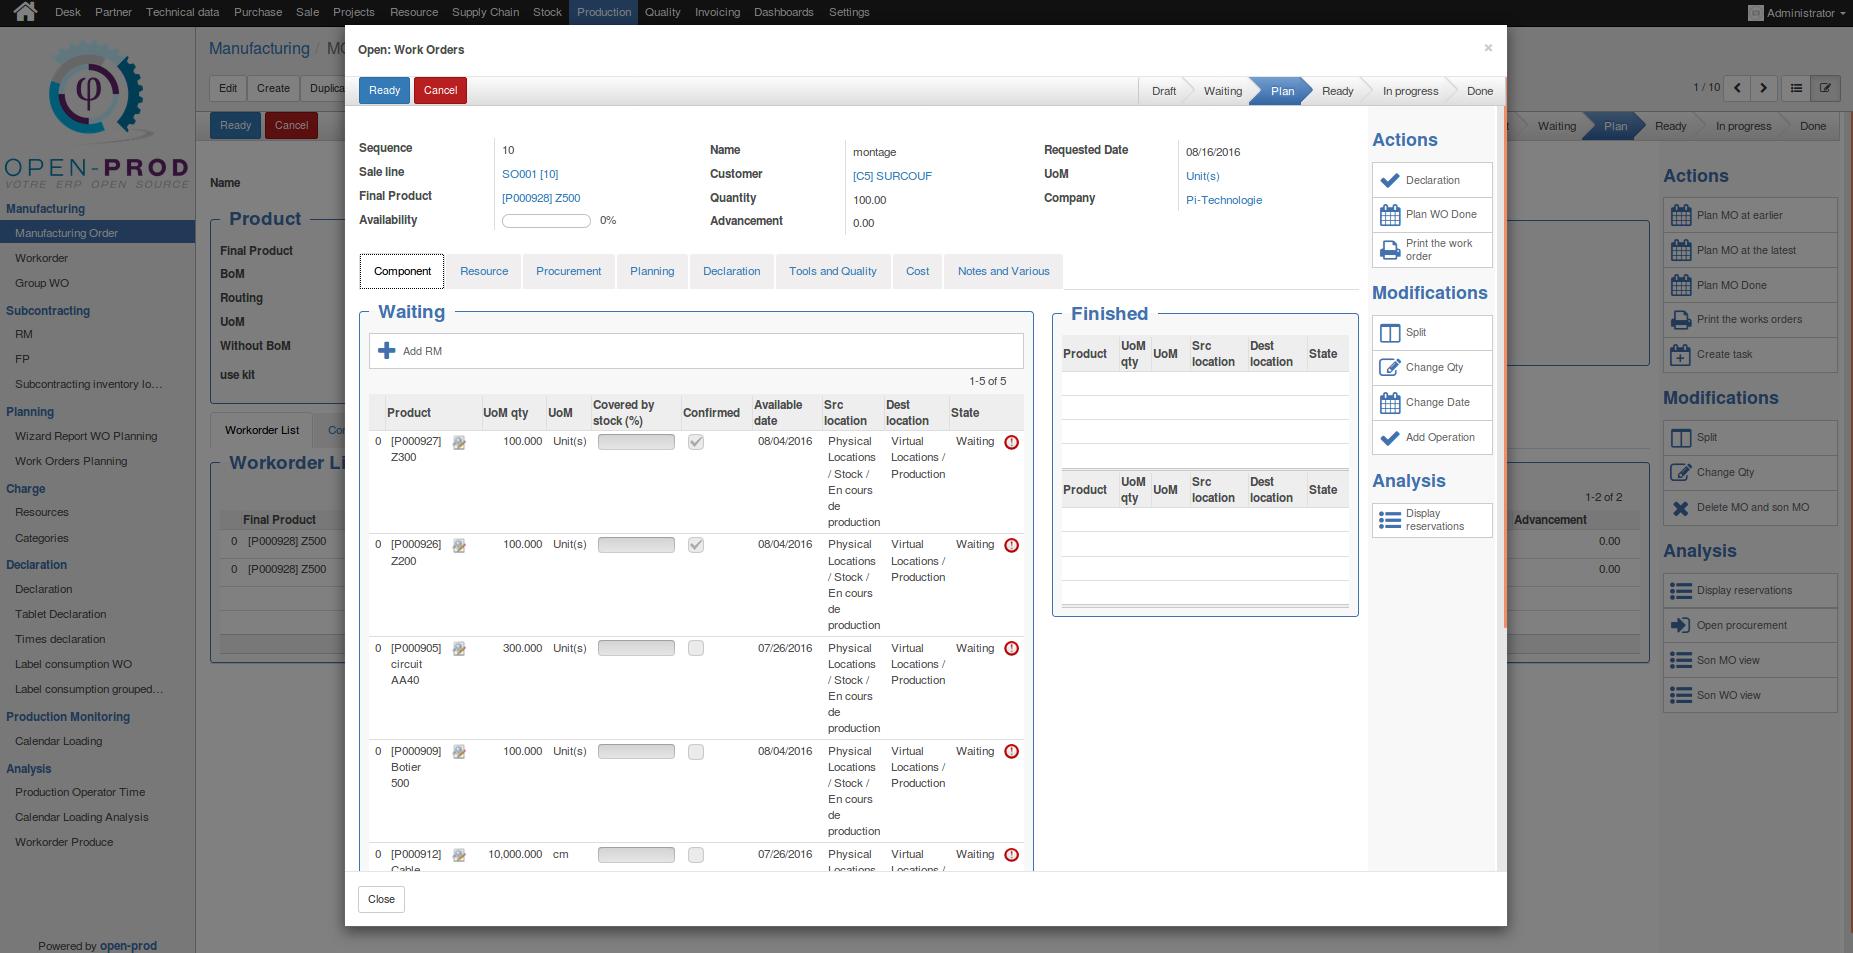 open-prod logiciel gestion de production